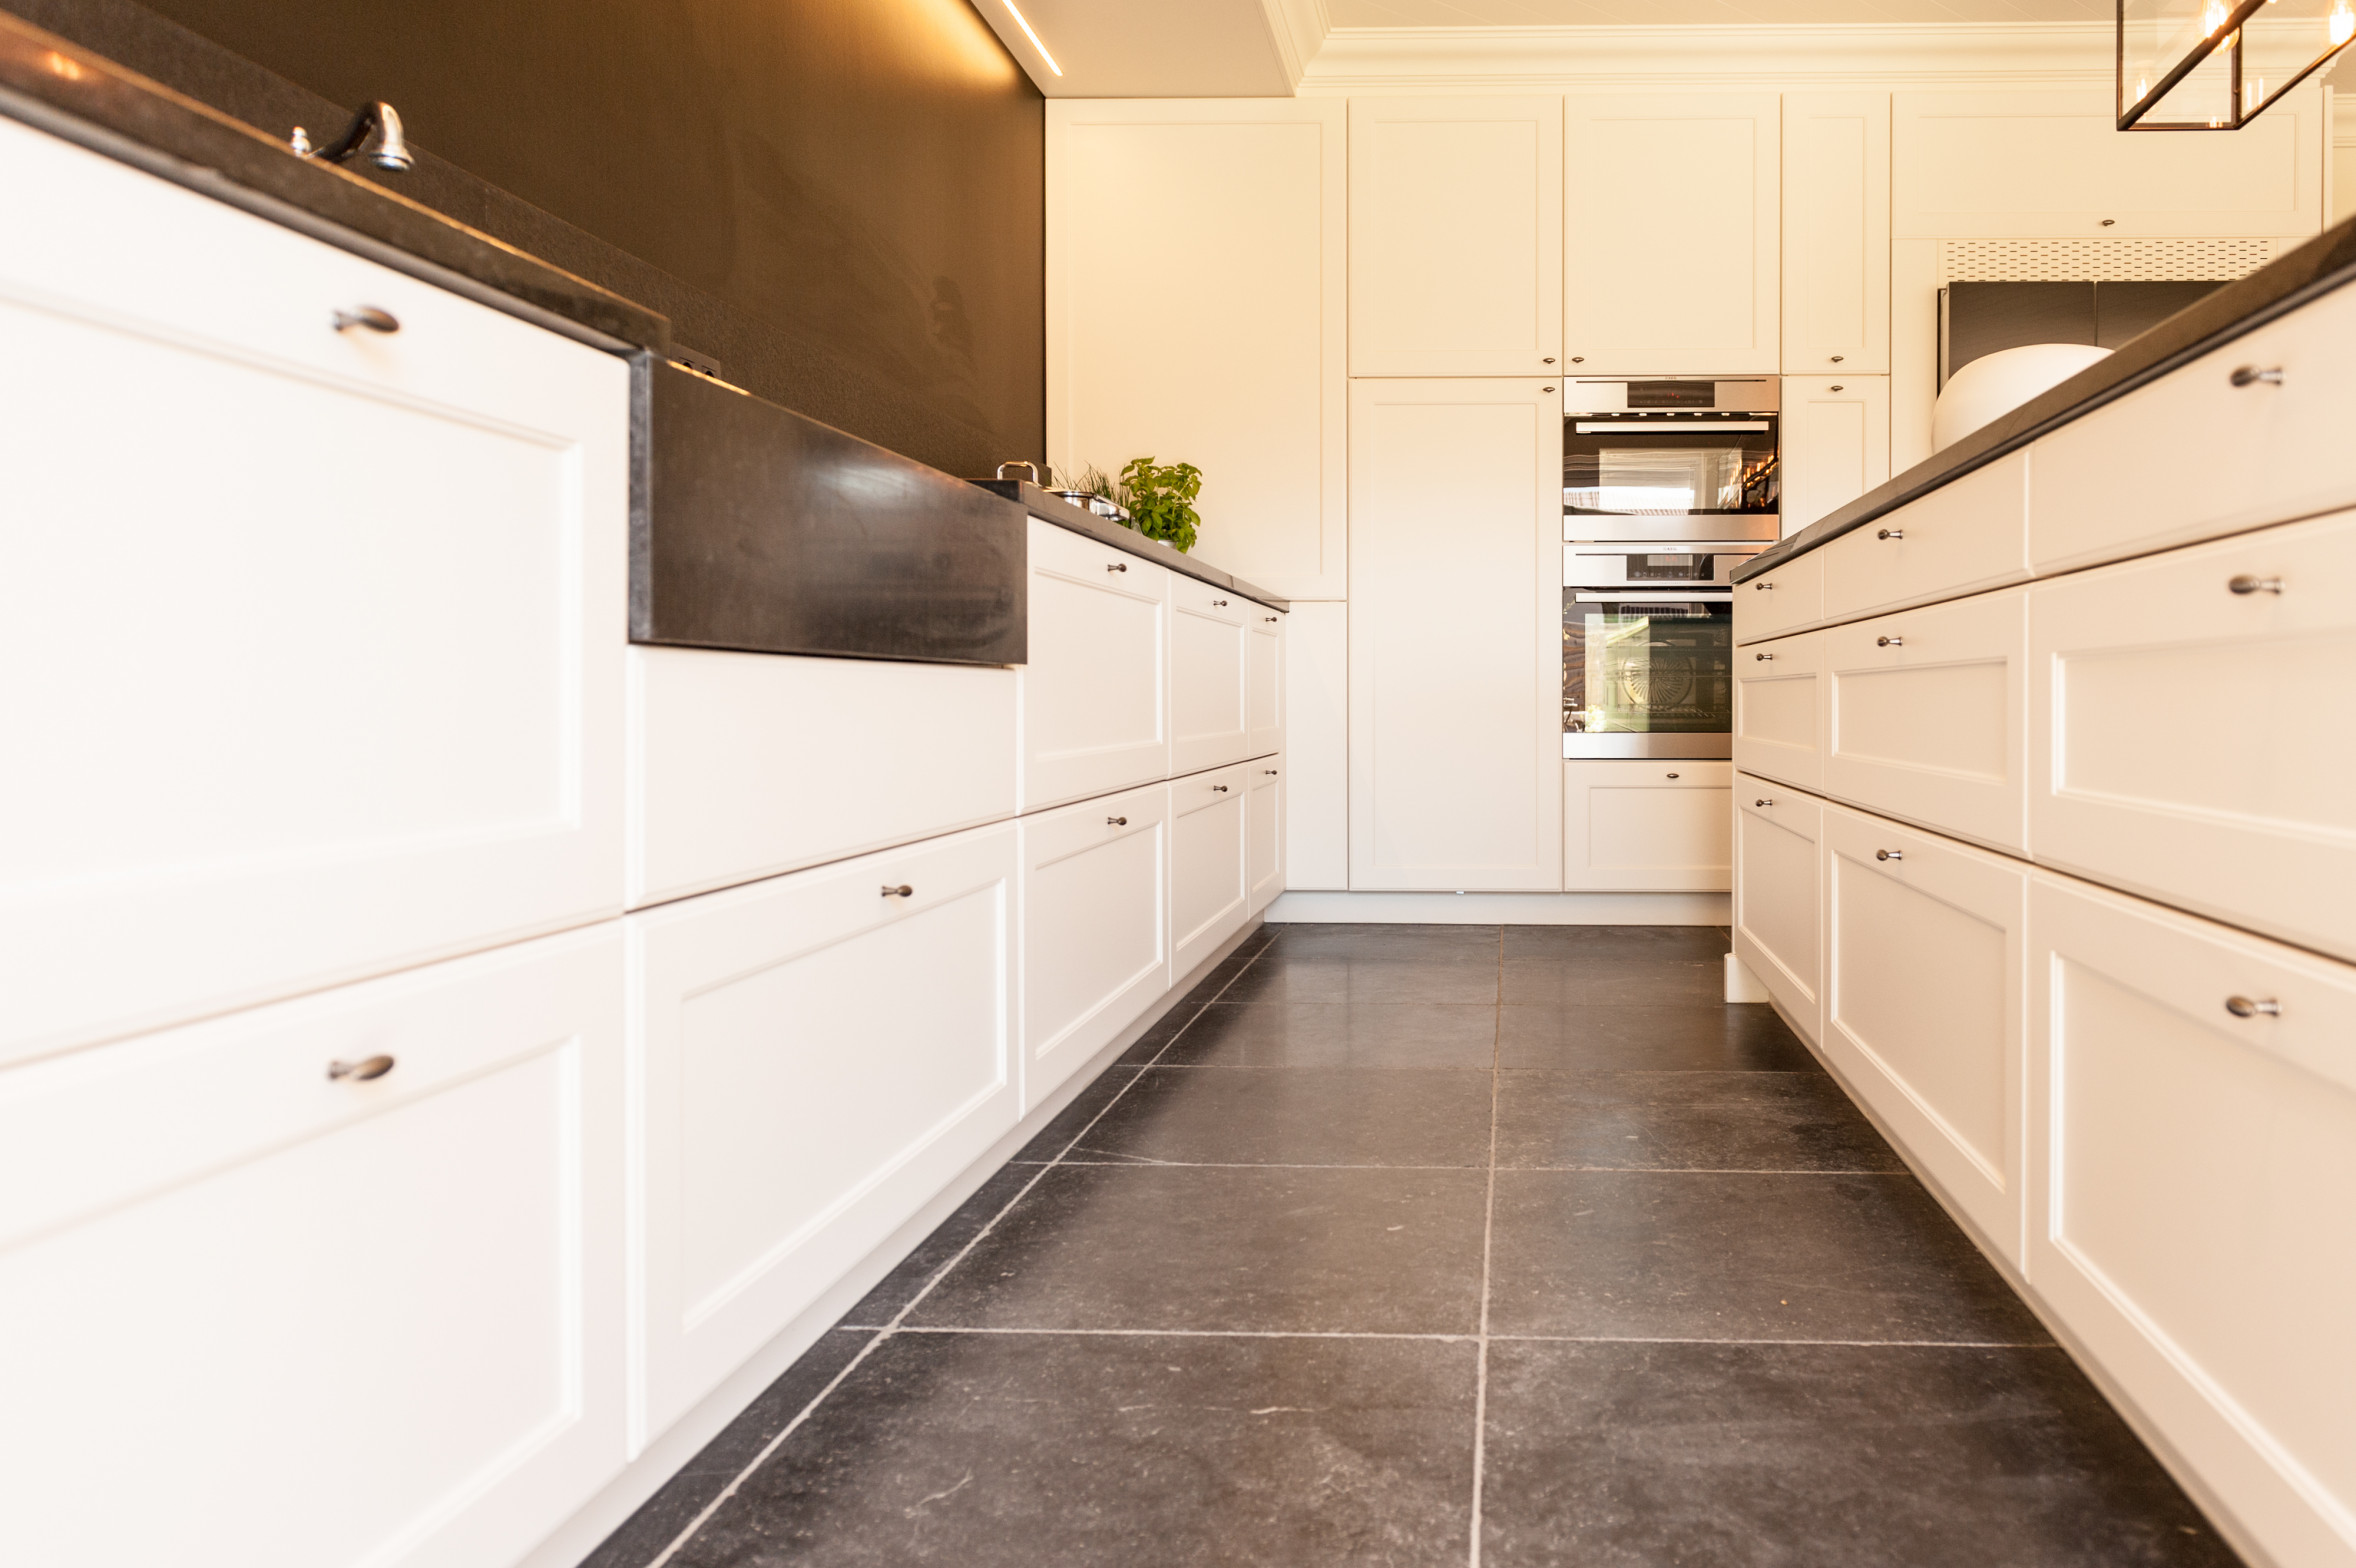 29 keuken zwevegem avelgem.jpg